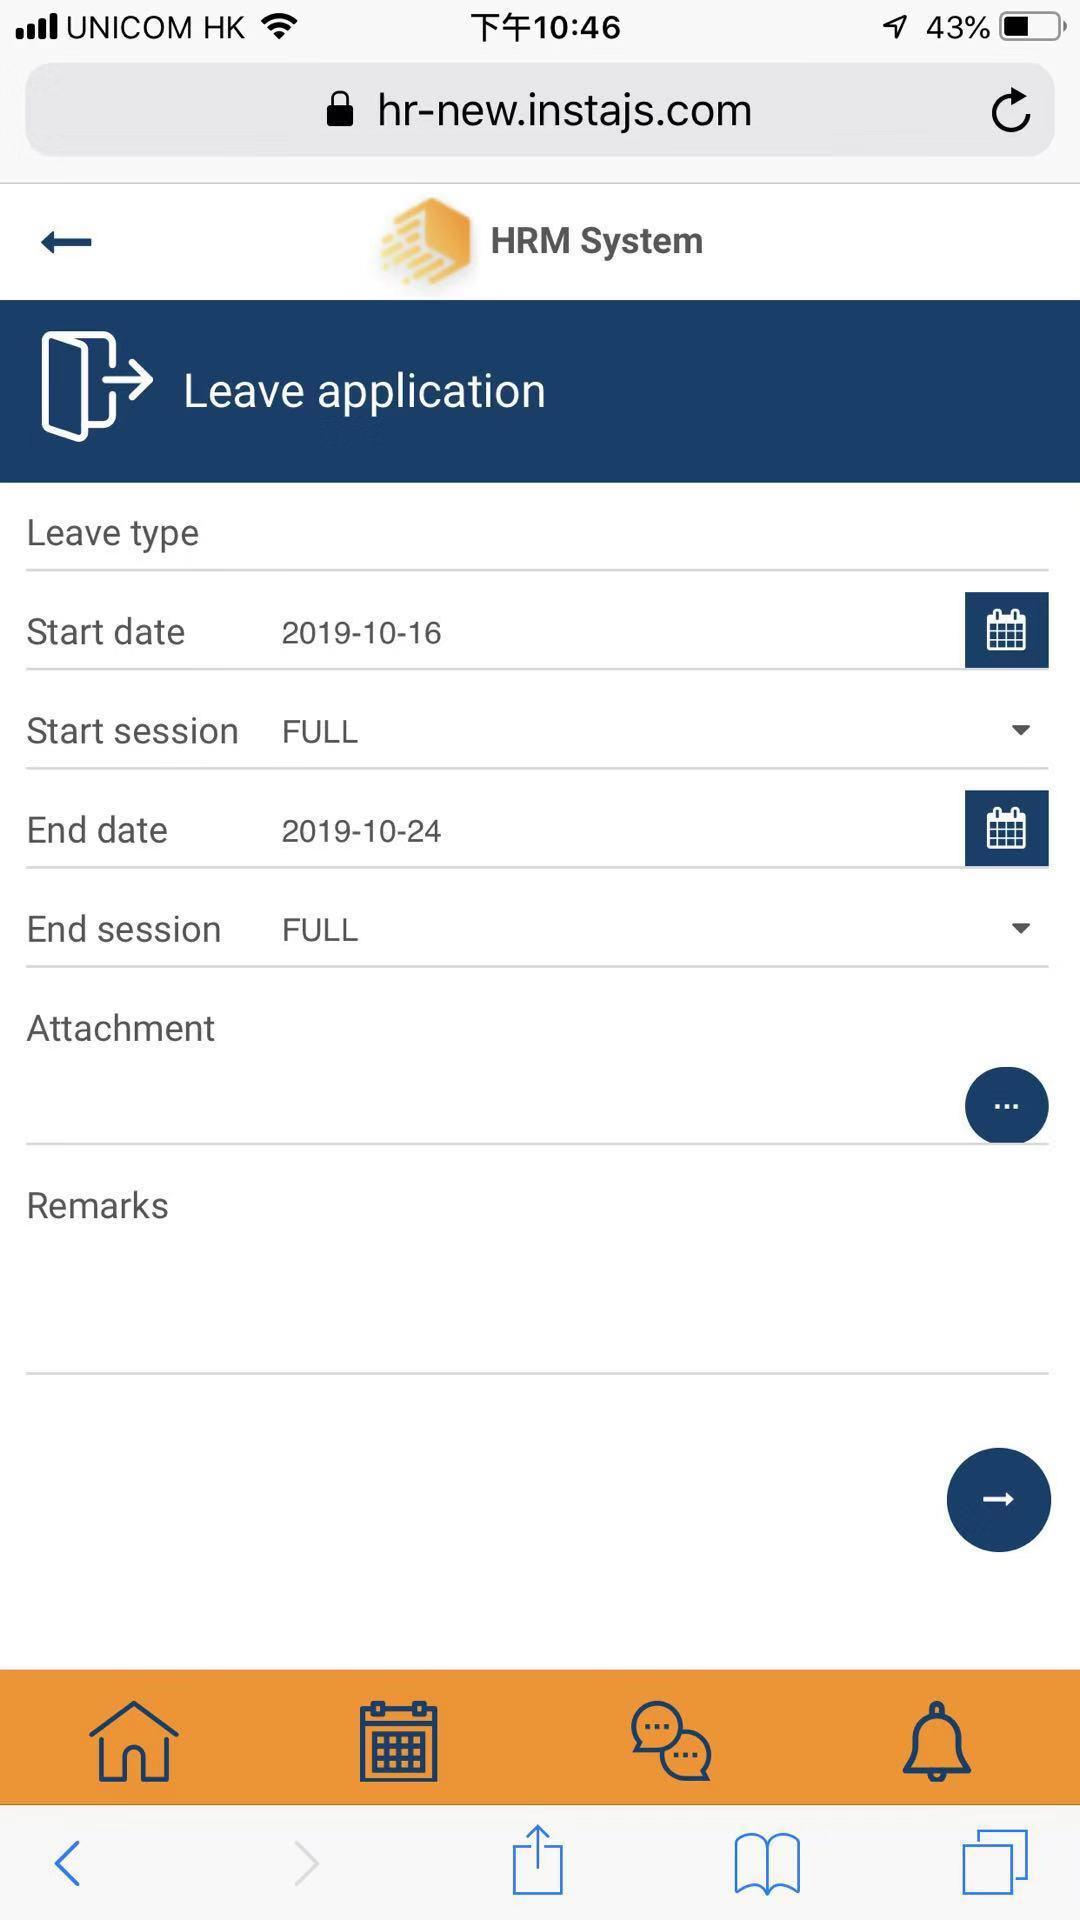 IJS HR mobile leave application